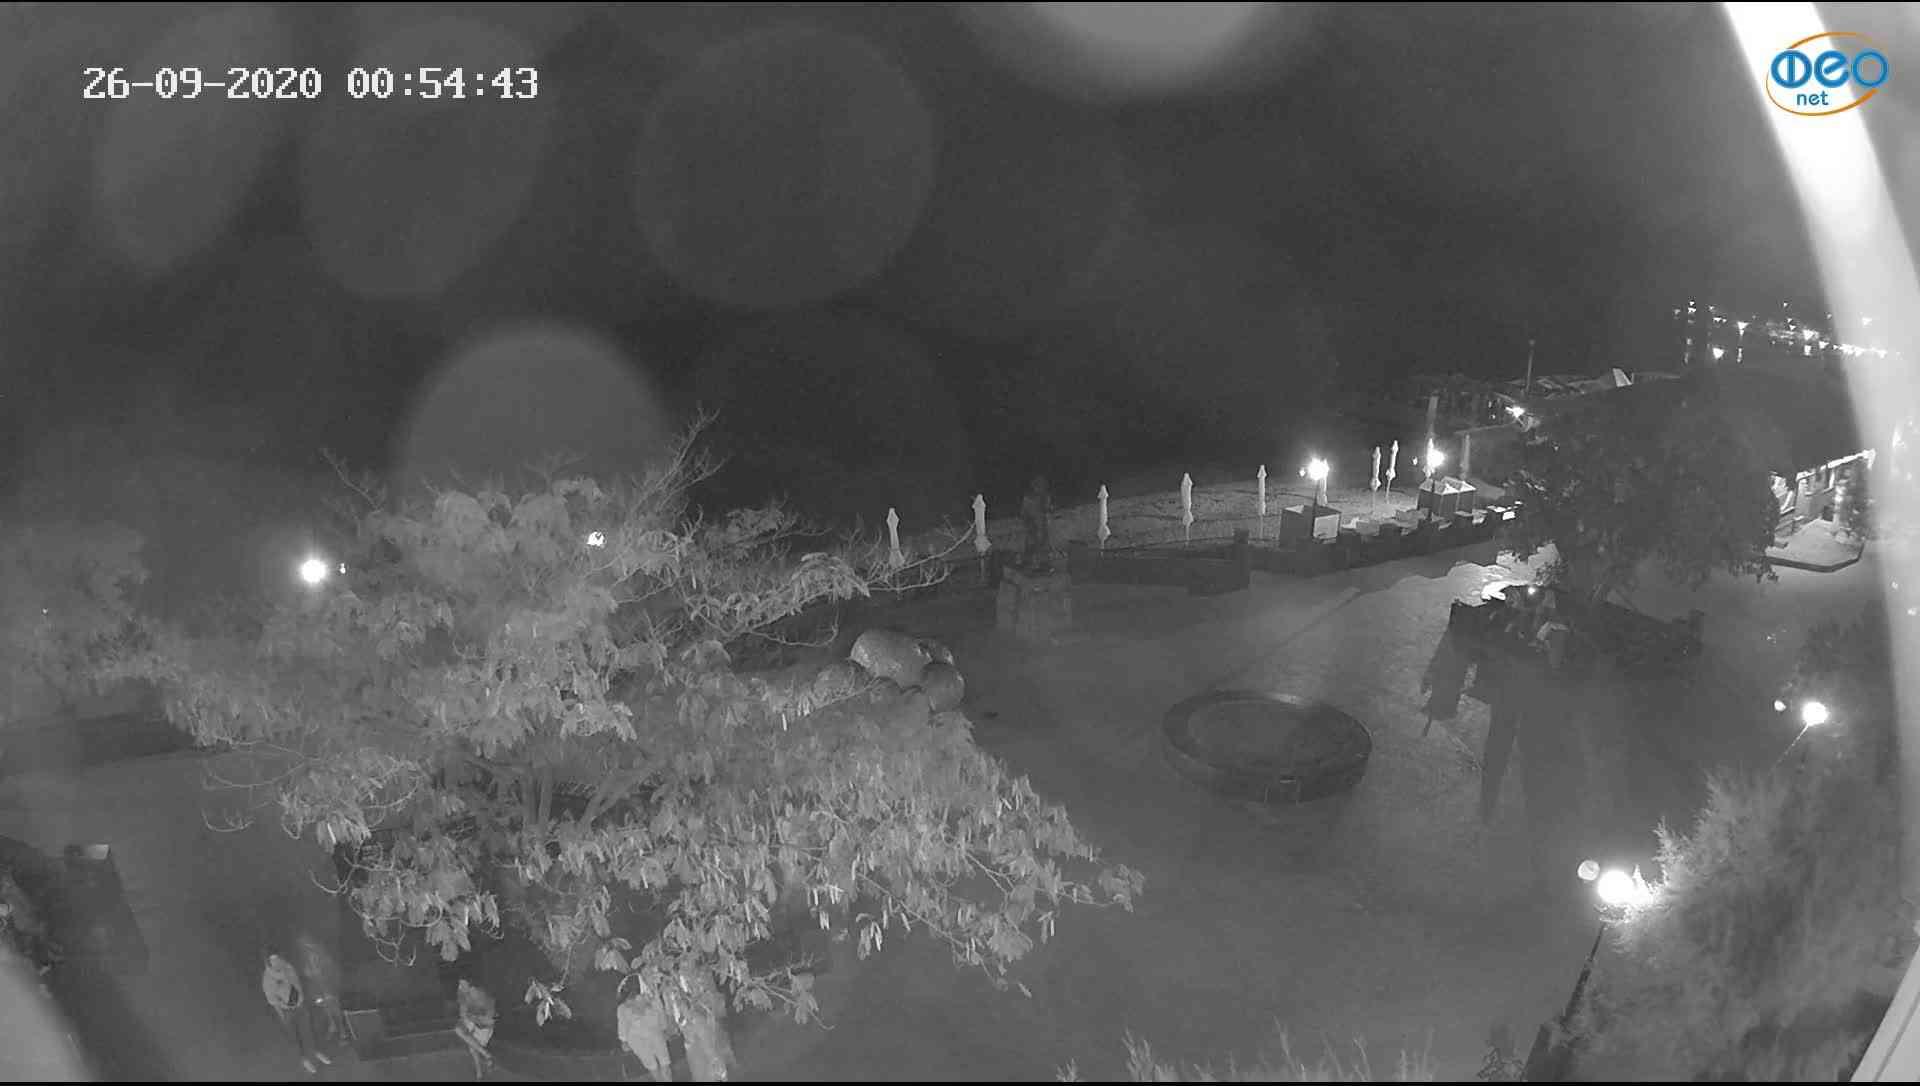 Веб-камеры Феодосии, Набережная Коктебель перед домом Волошина, 2020-09-26 00:55:01